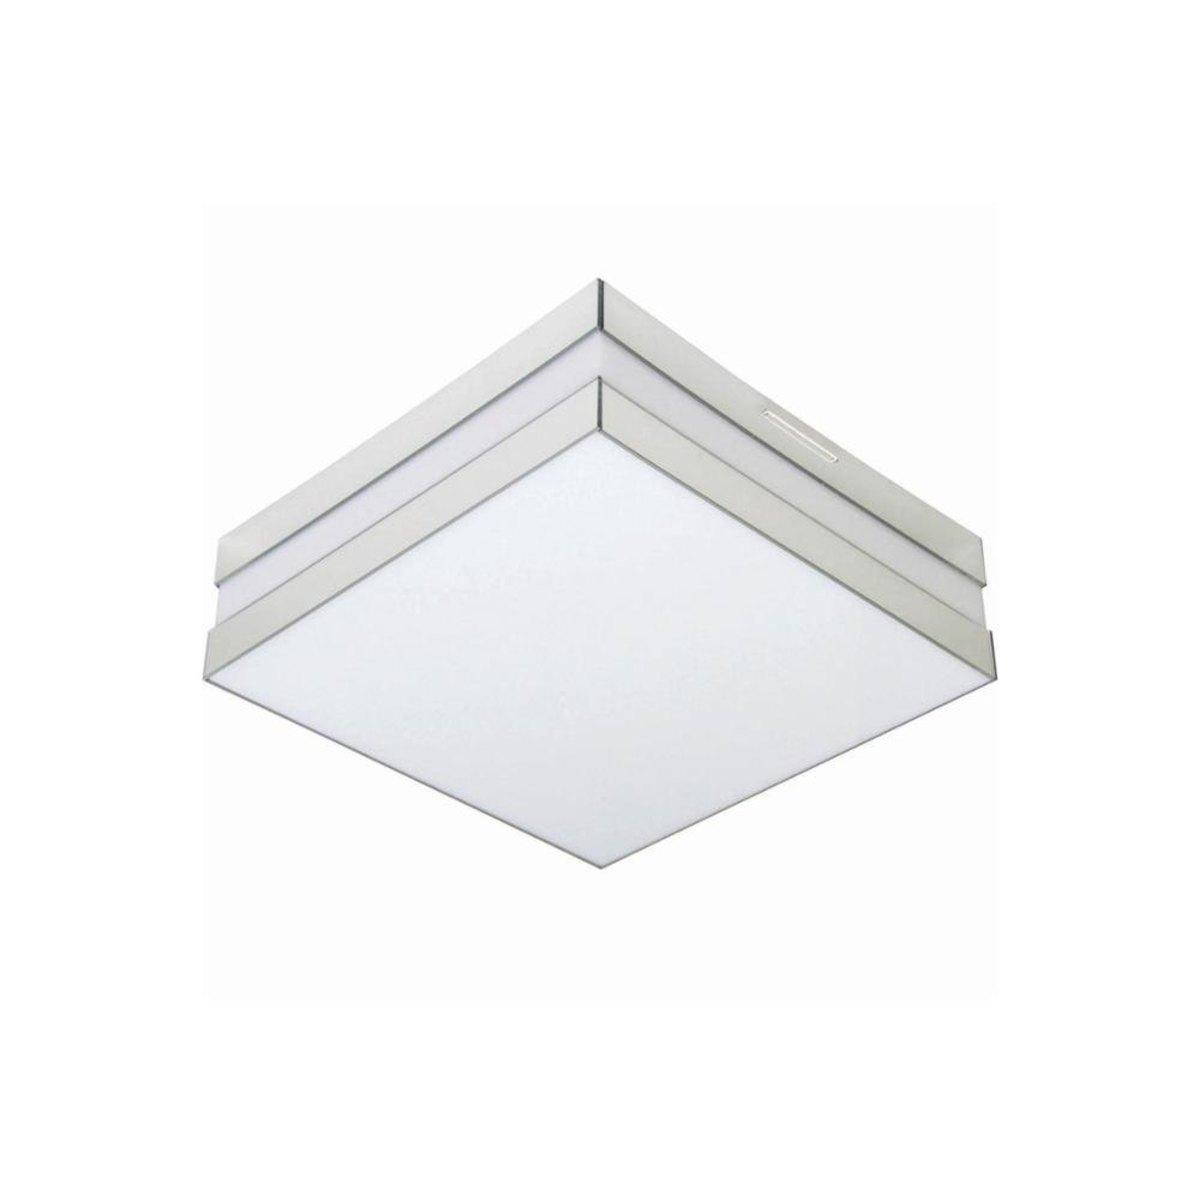 Luminária LED 16W 3000k Sobrepor Bilbao 26x26 Tualux